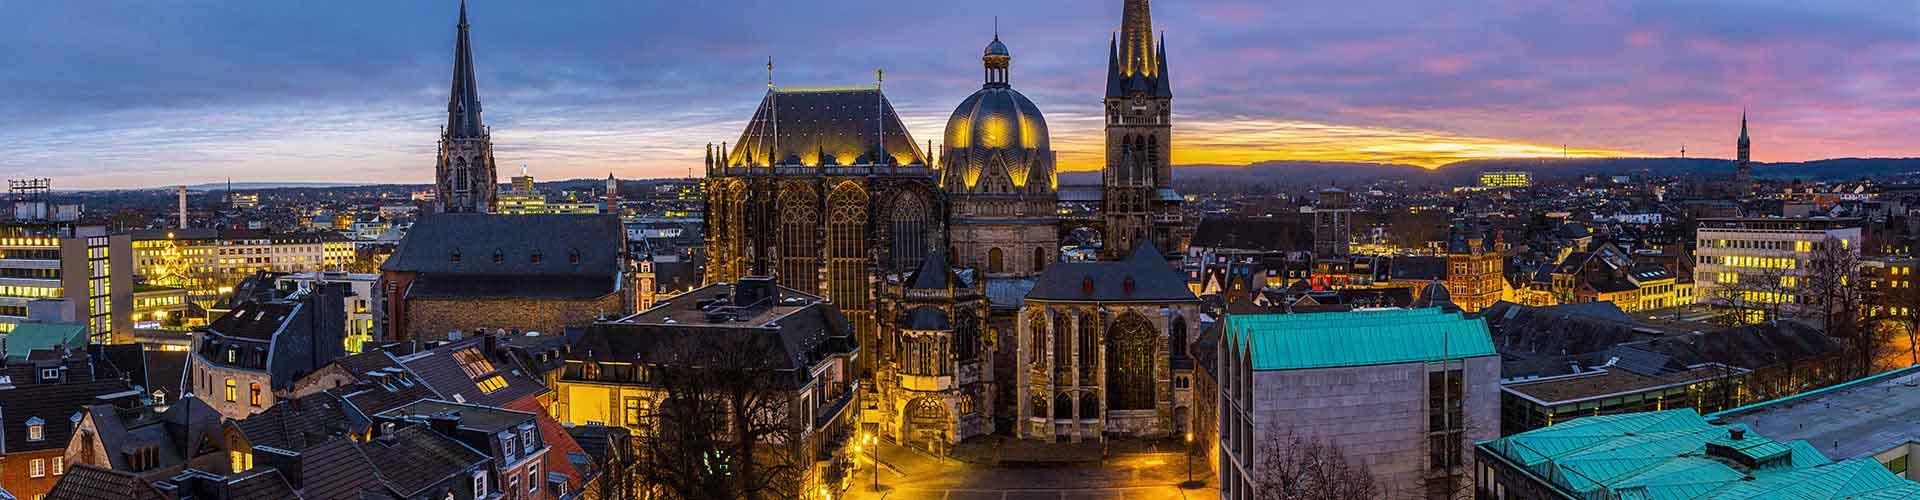 Aachen - Albergues Juveniles en Aachen. Mapas de Aachen, Fotos y Comentarios para cada Albergue Juvenil en Aachen.